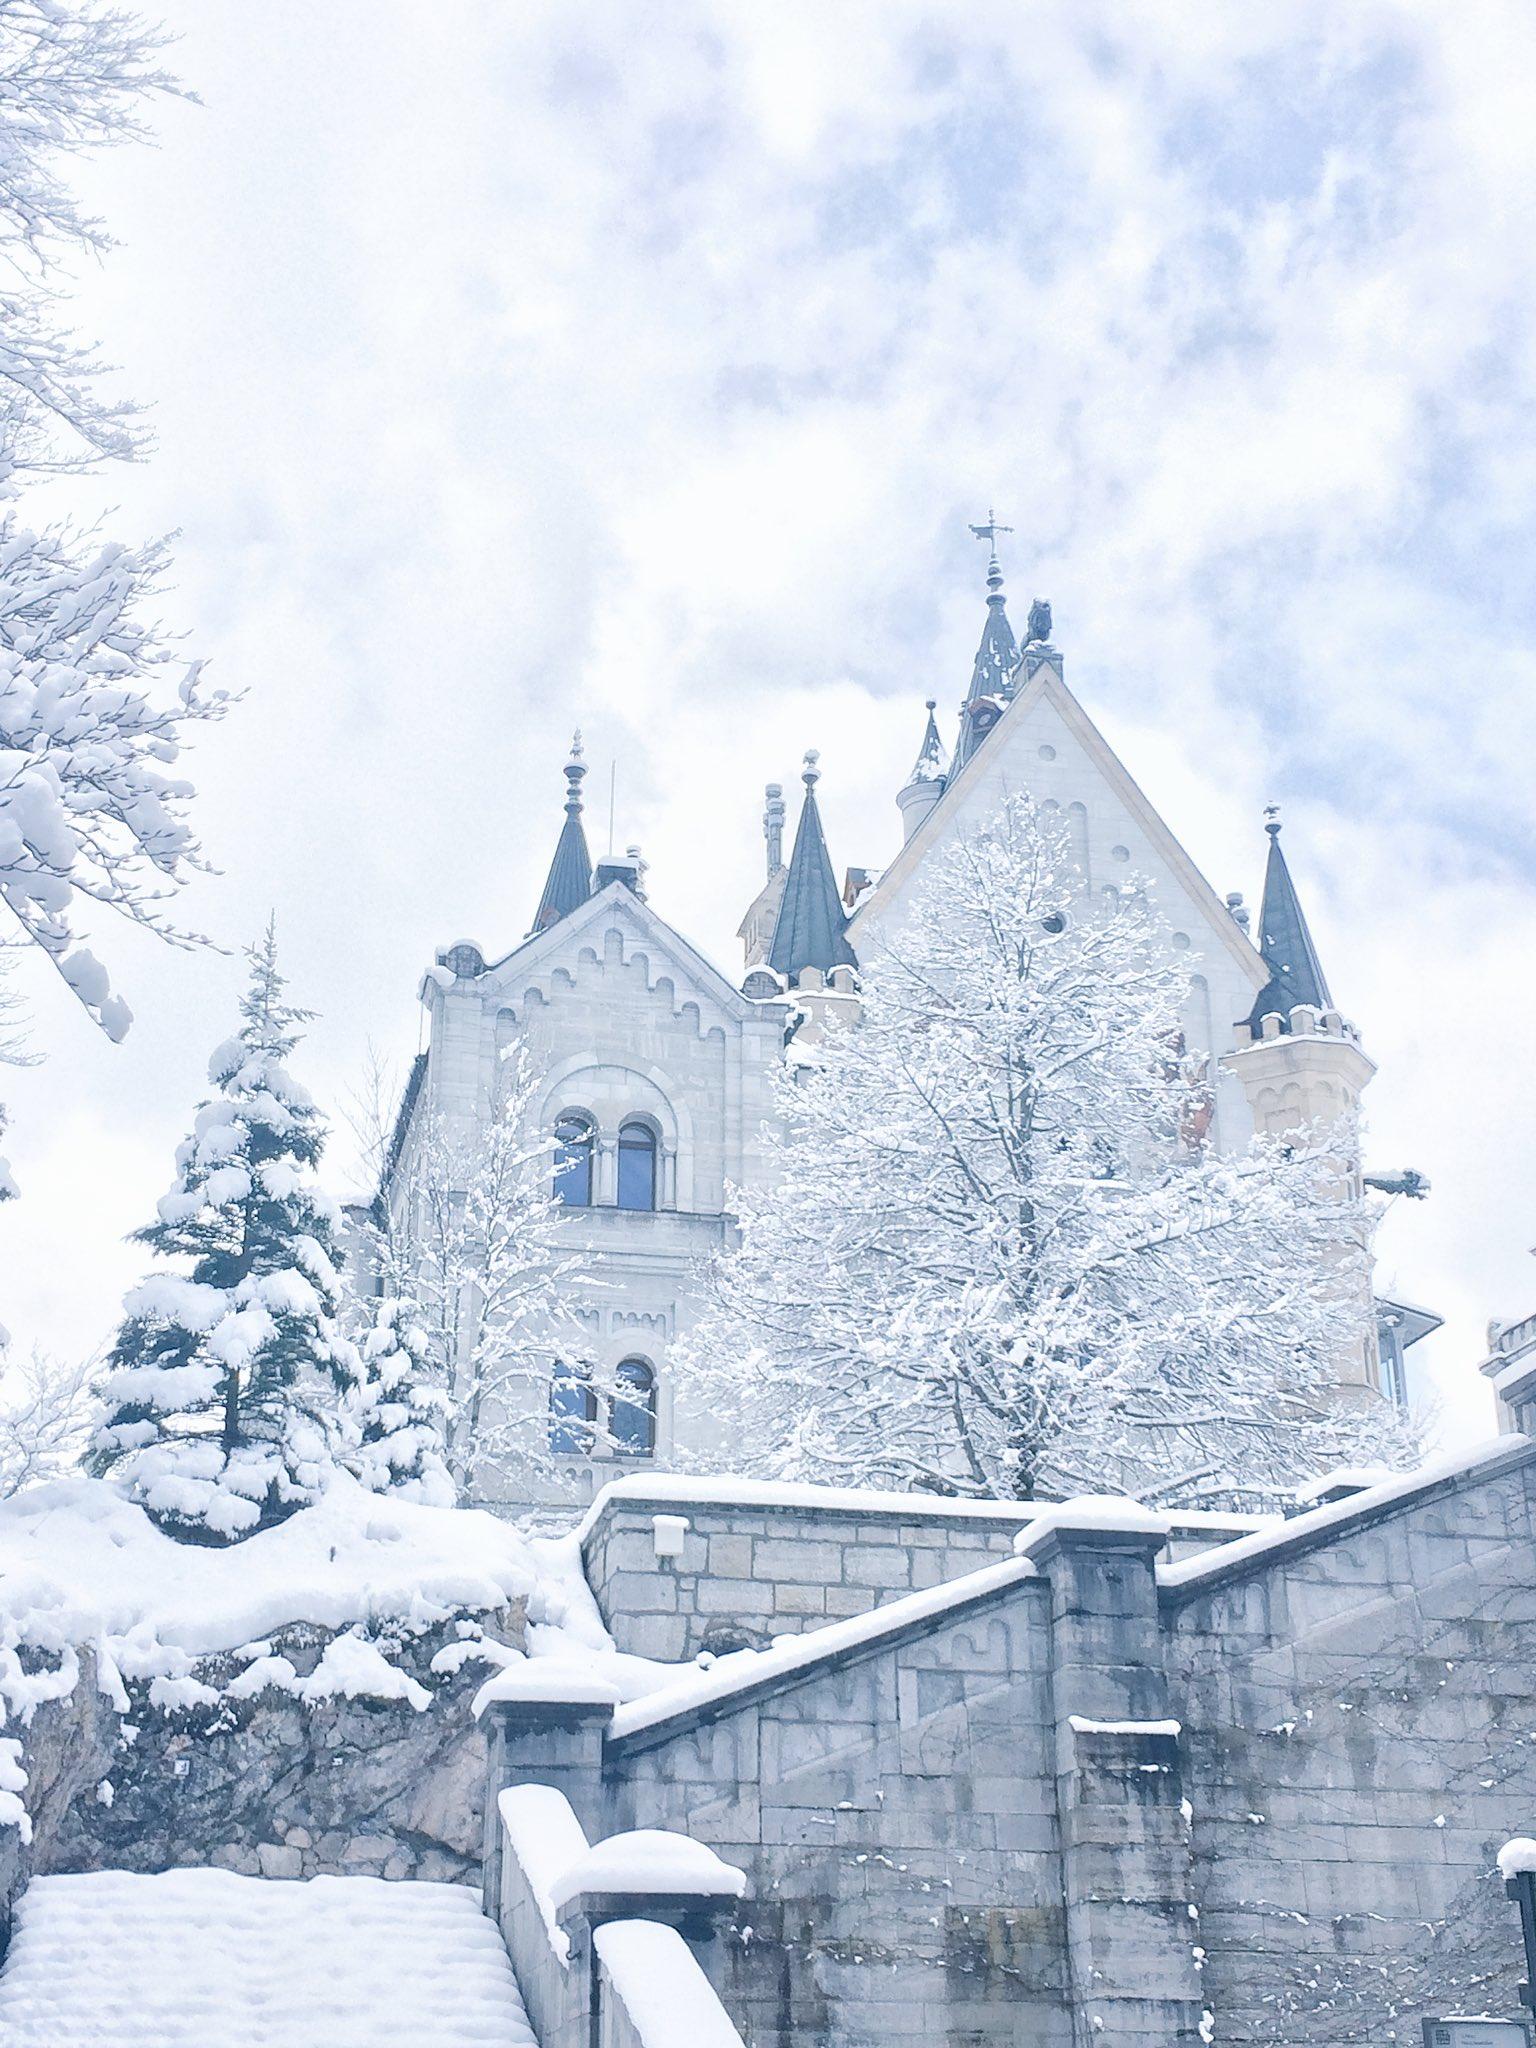 ノイシュバンシュタイン城の美しさプライスレスでした